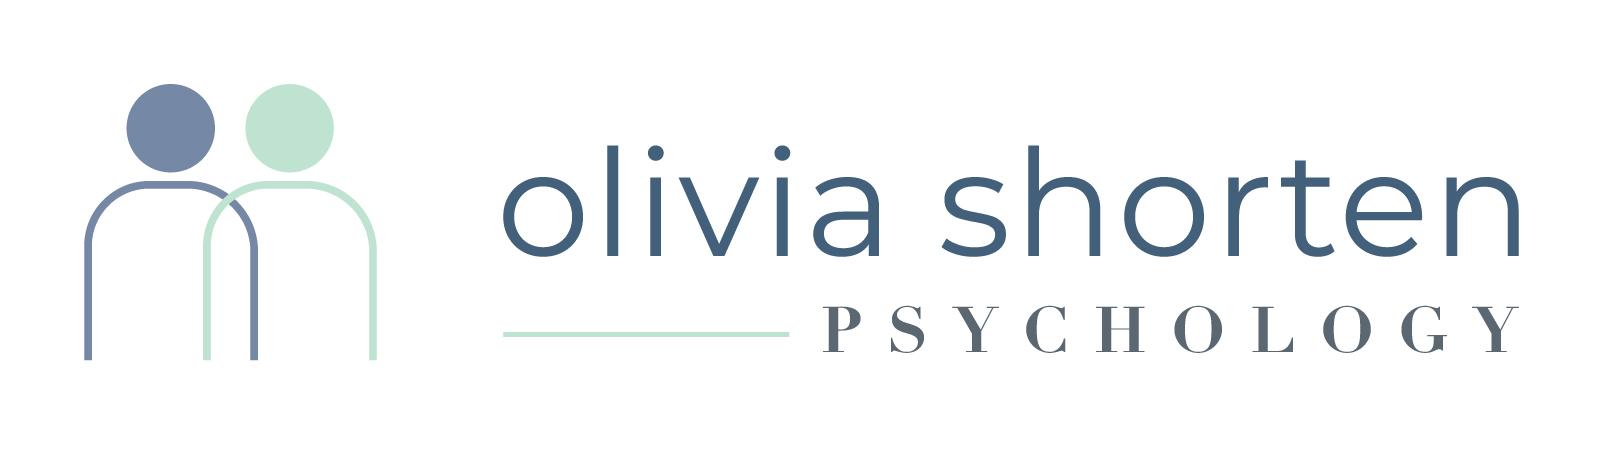 Olivia Shorten Psychology